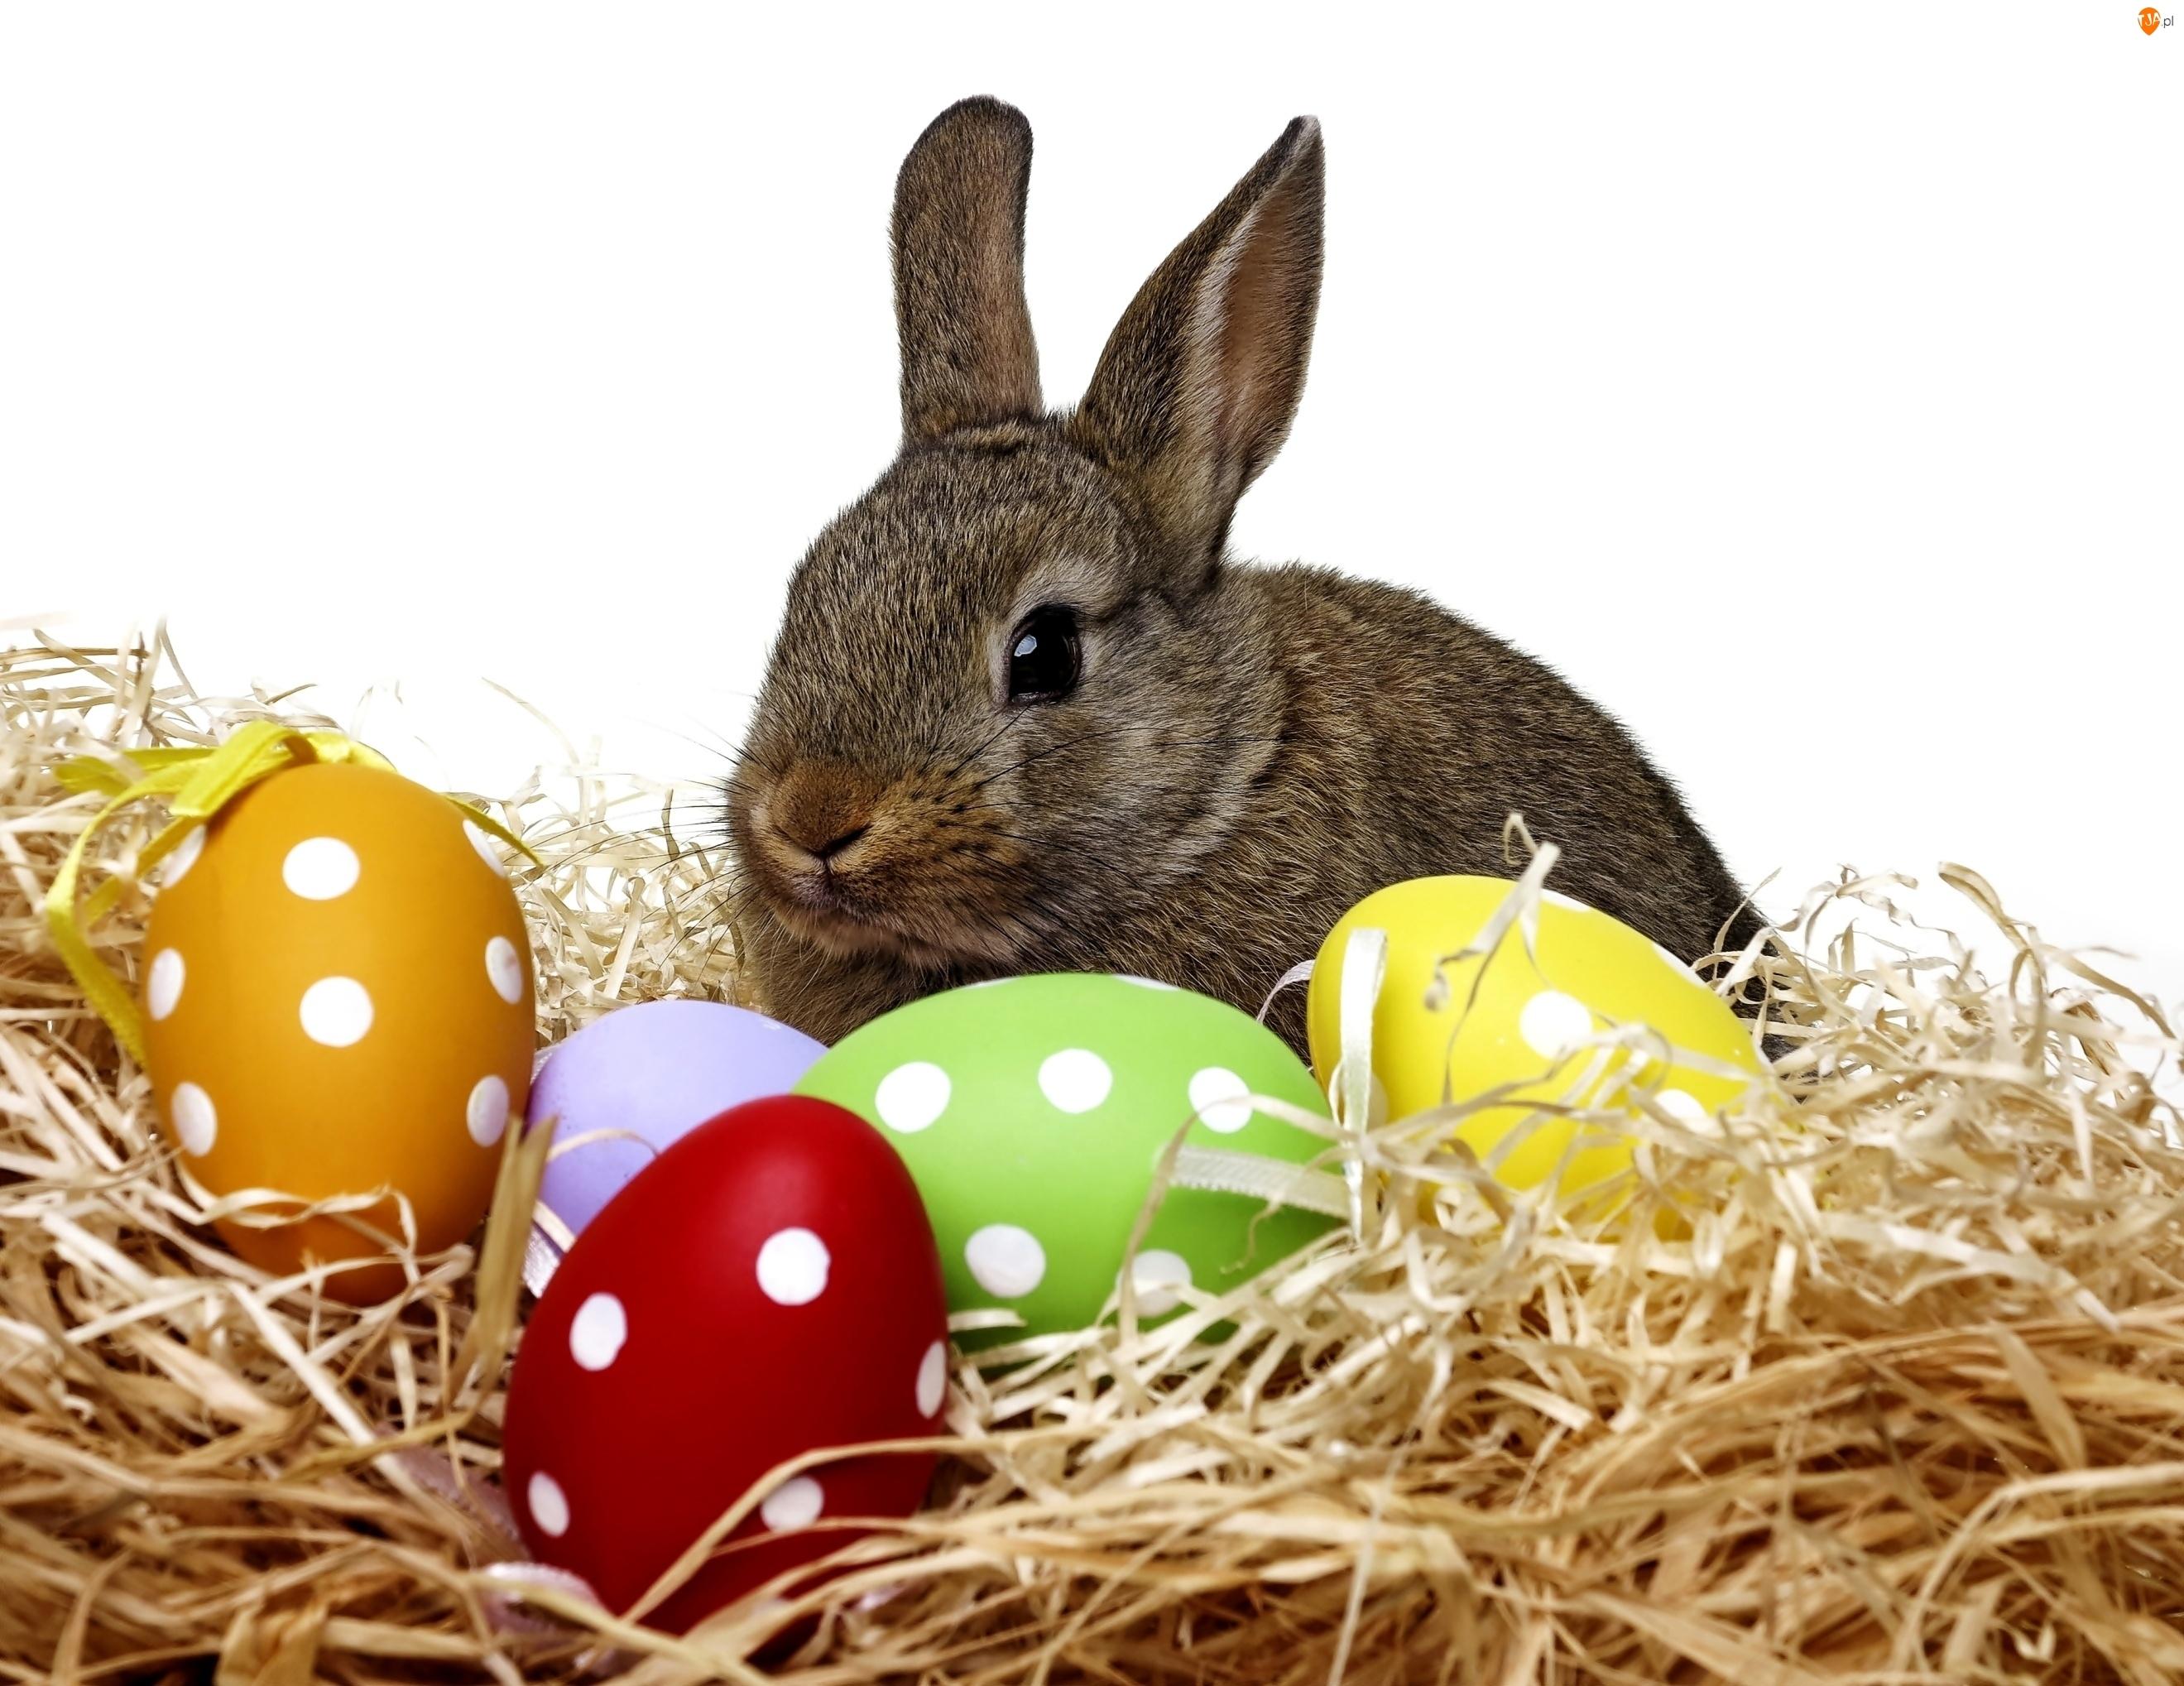 Zajączek, Wielkanoc, Jajka, Sianko